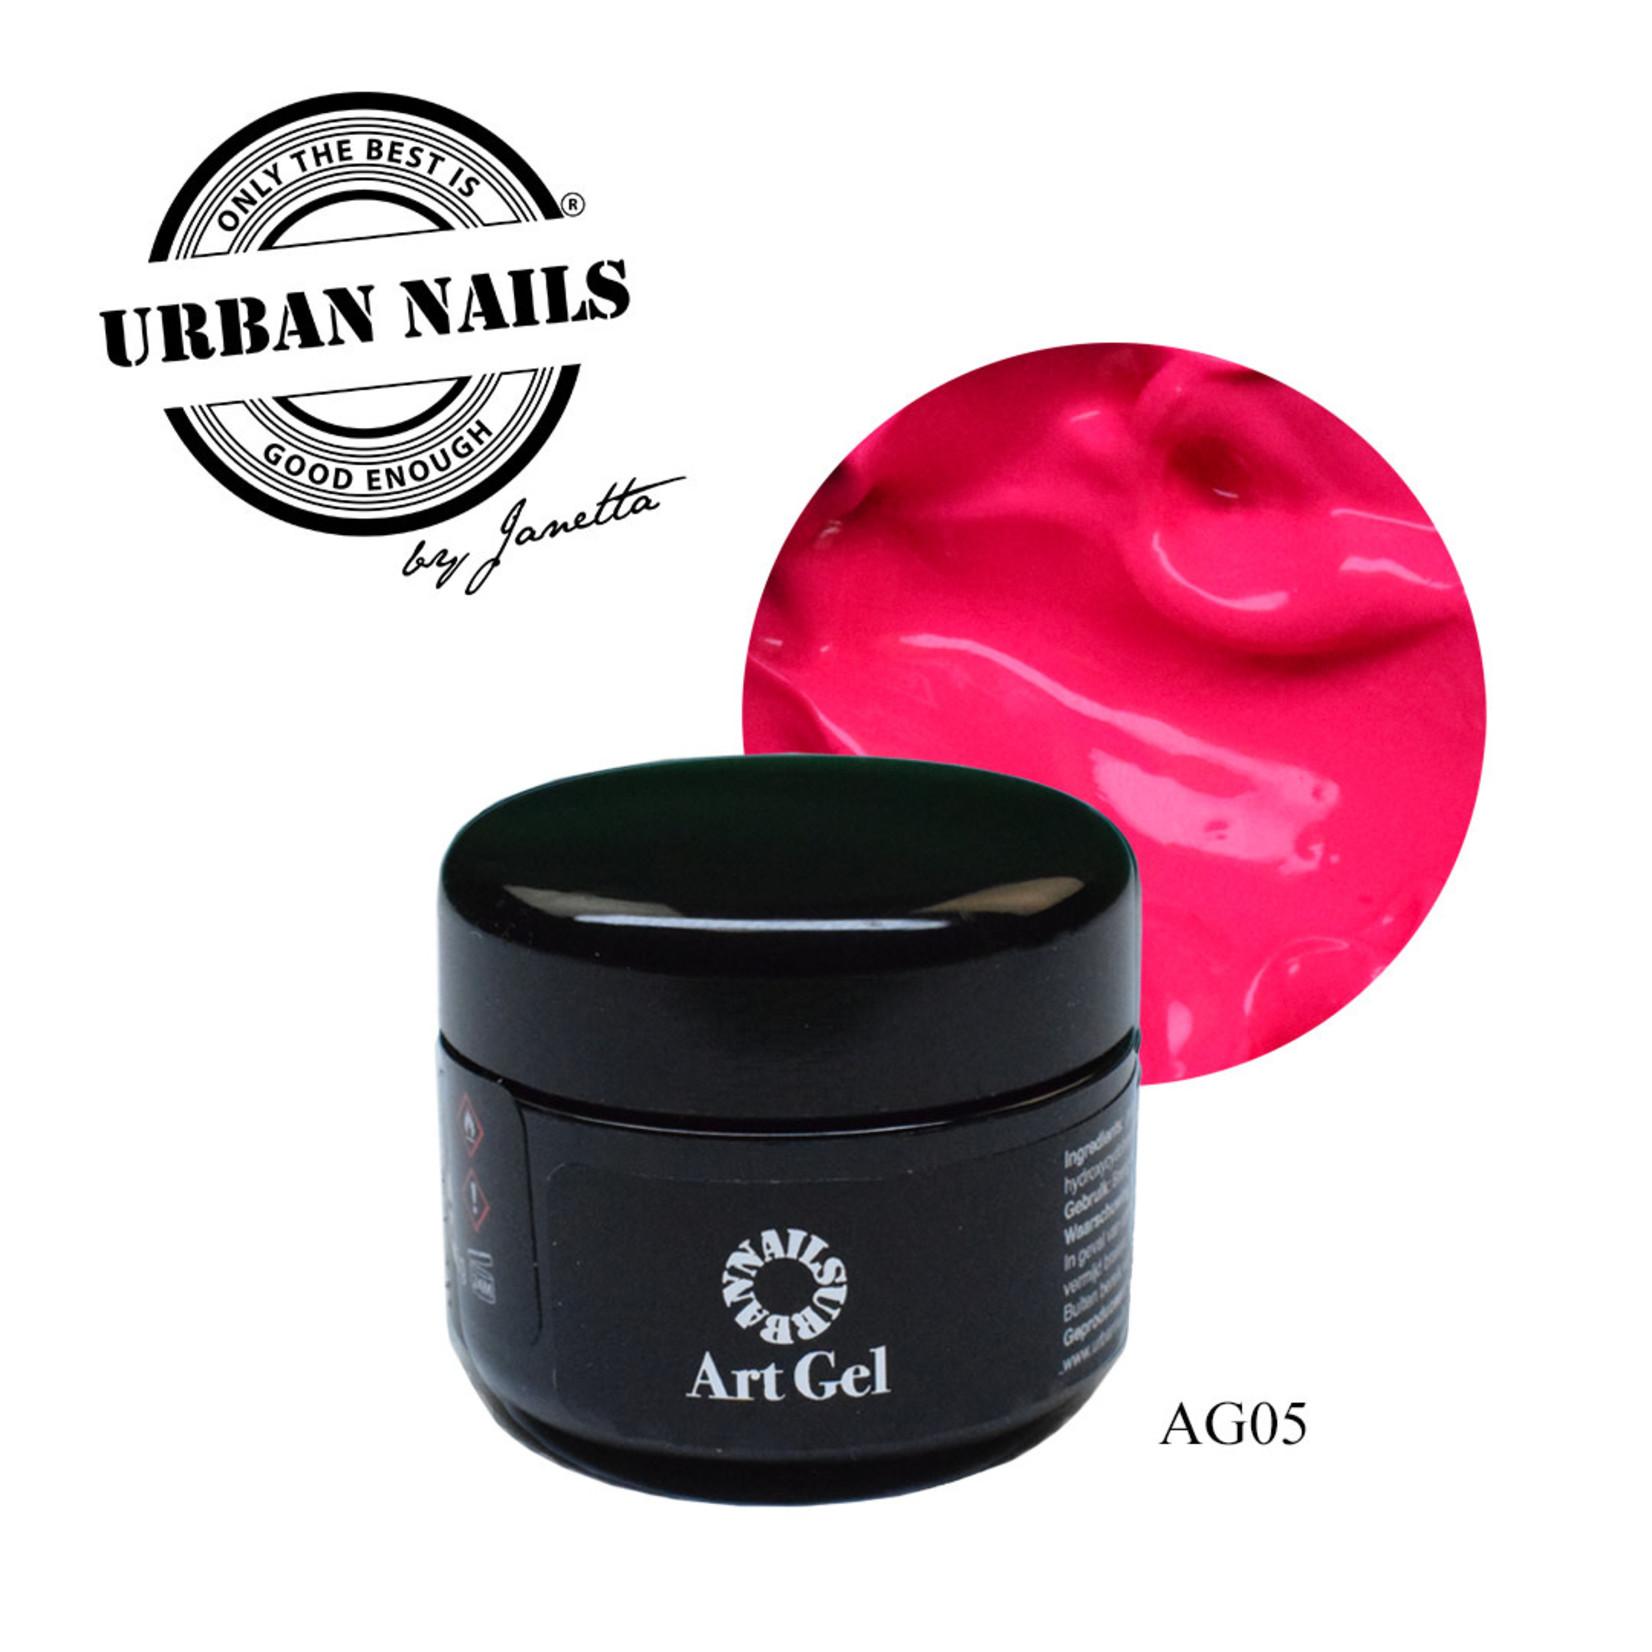 Urban Nails Art Gel 5 Fel Roze